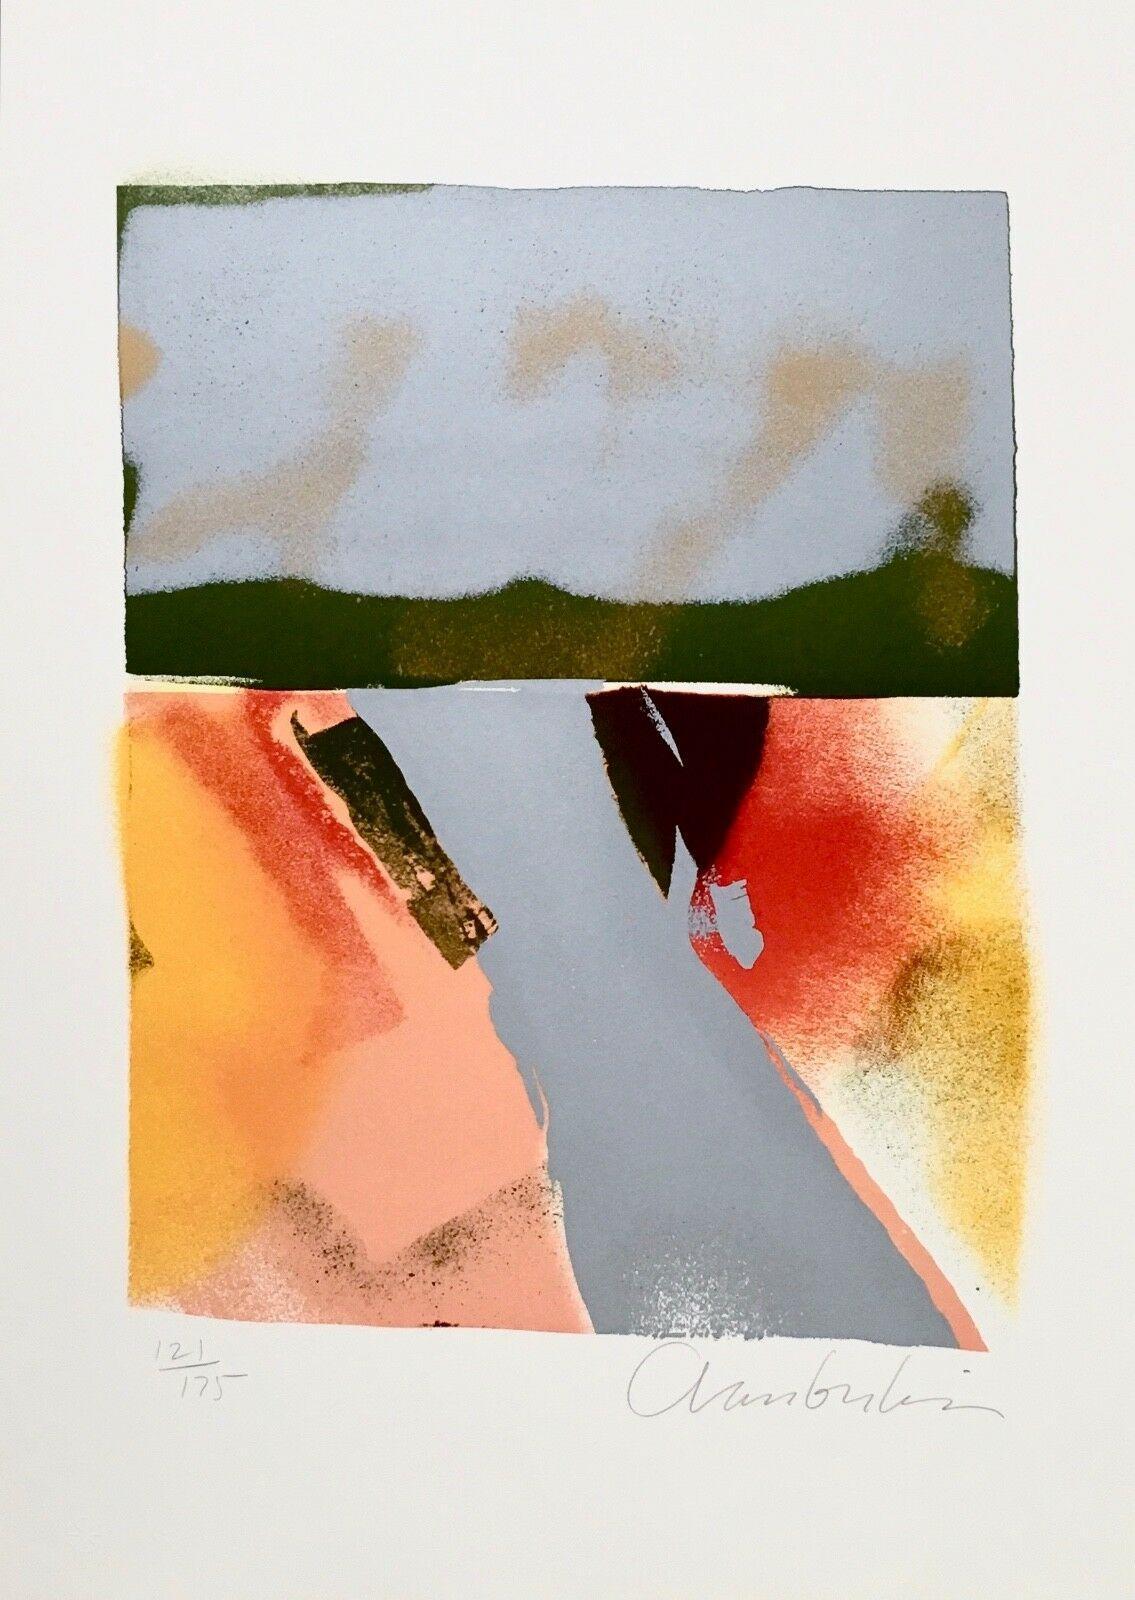 Flashback VII, Limited Edition Silkscreen, John Chamberlain